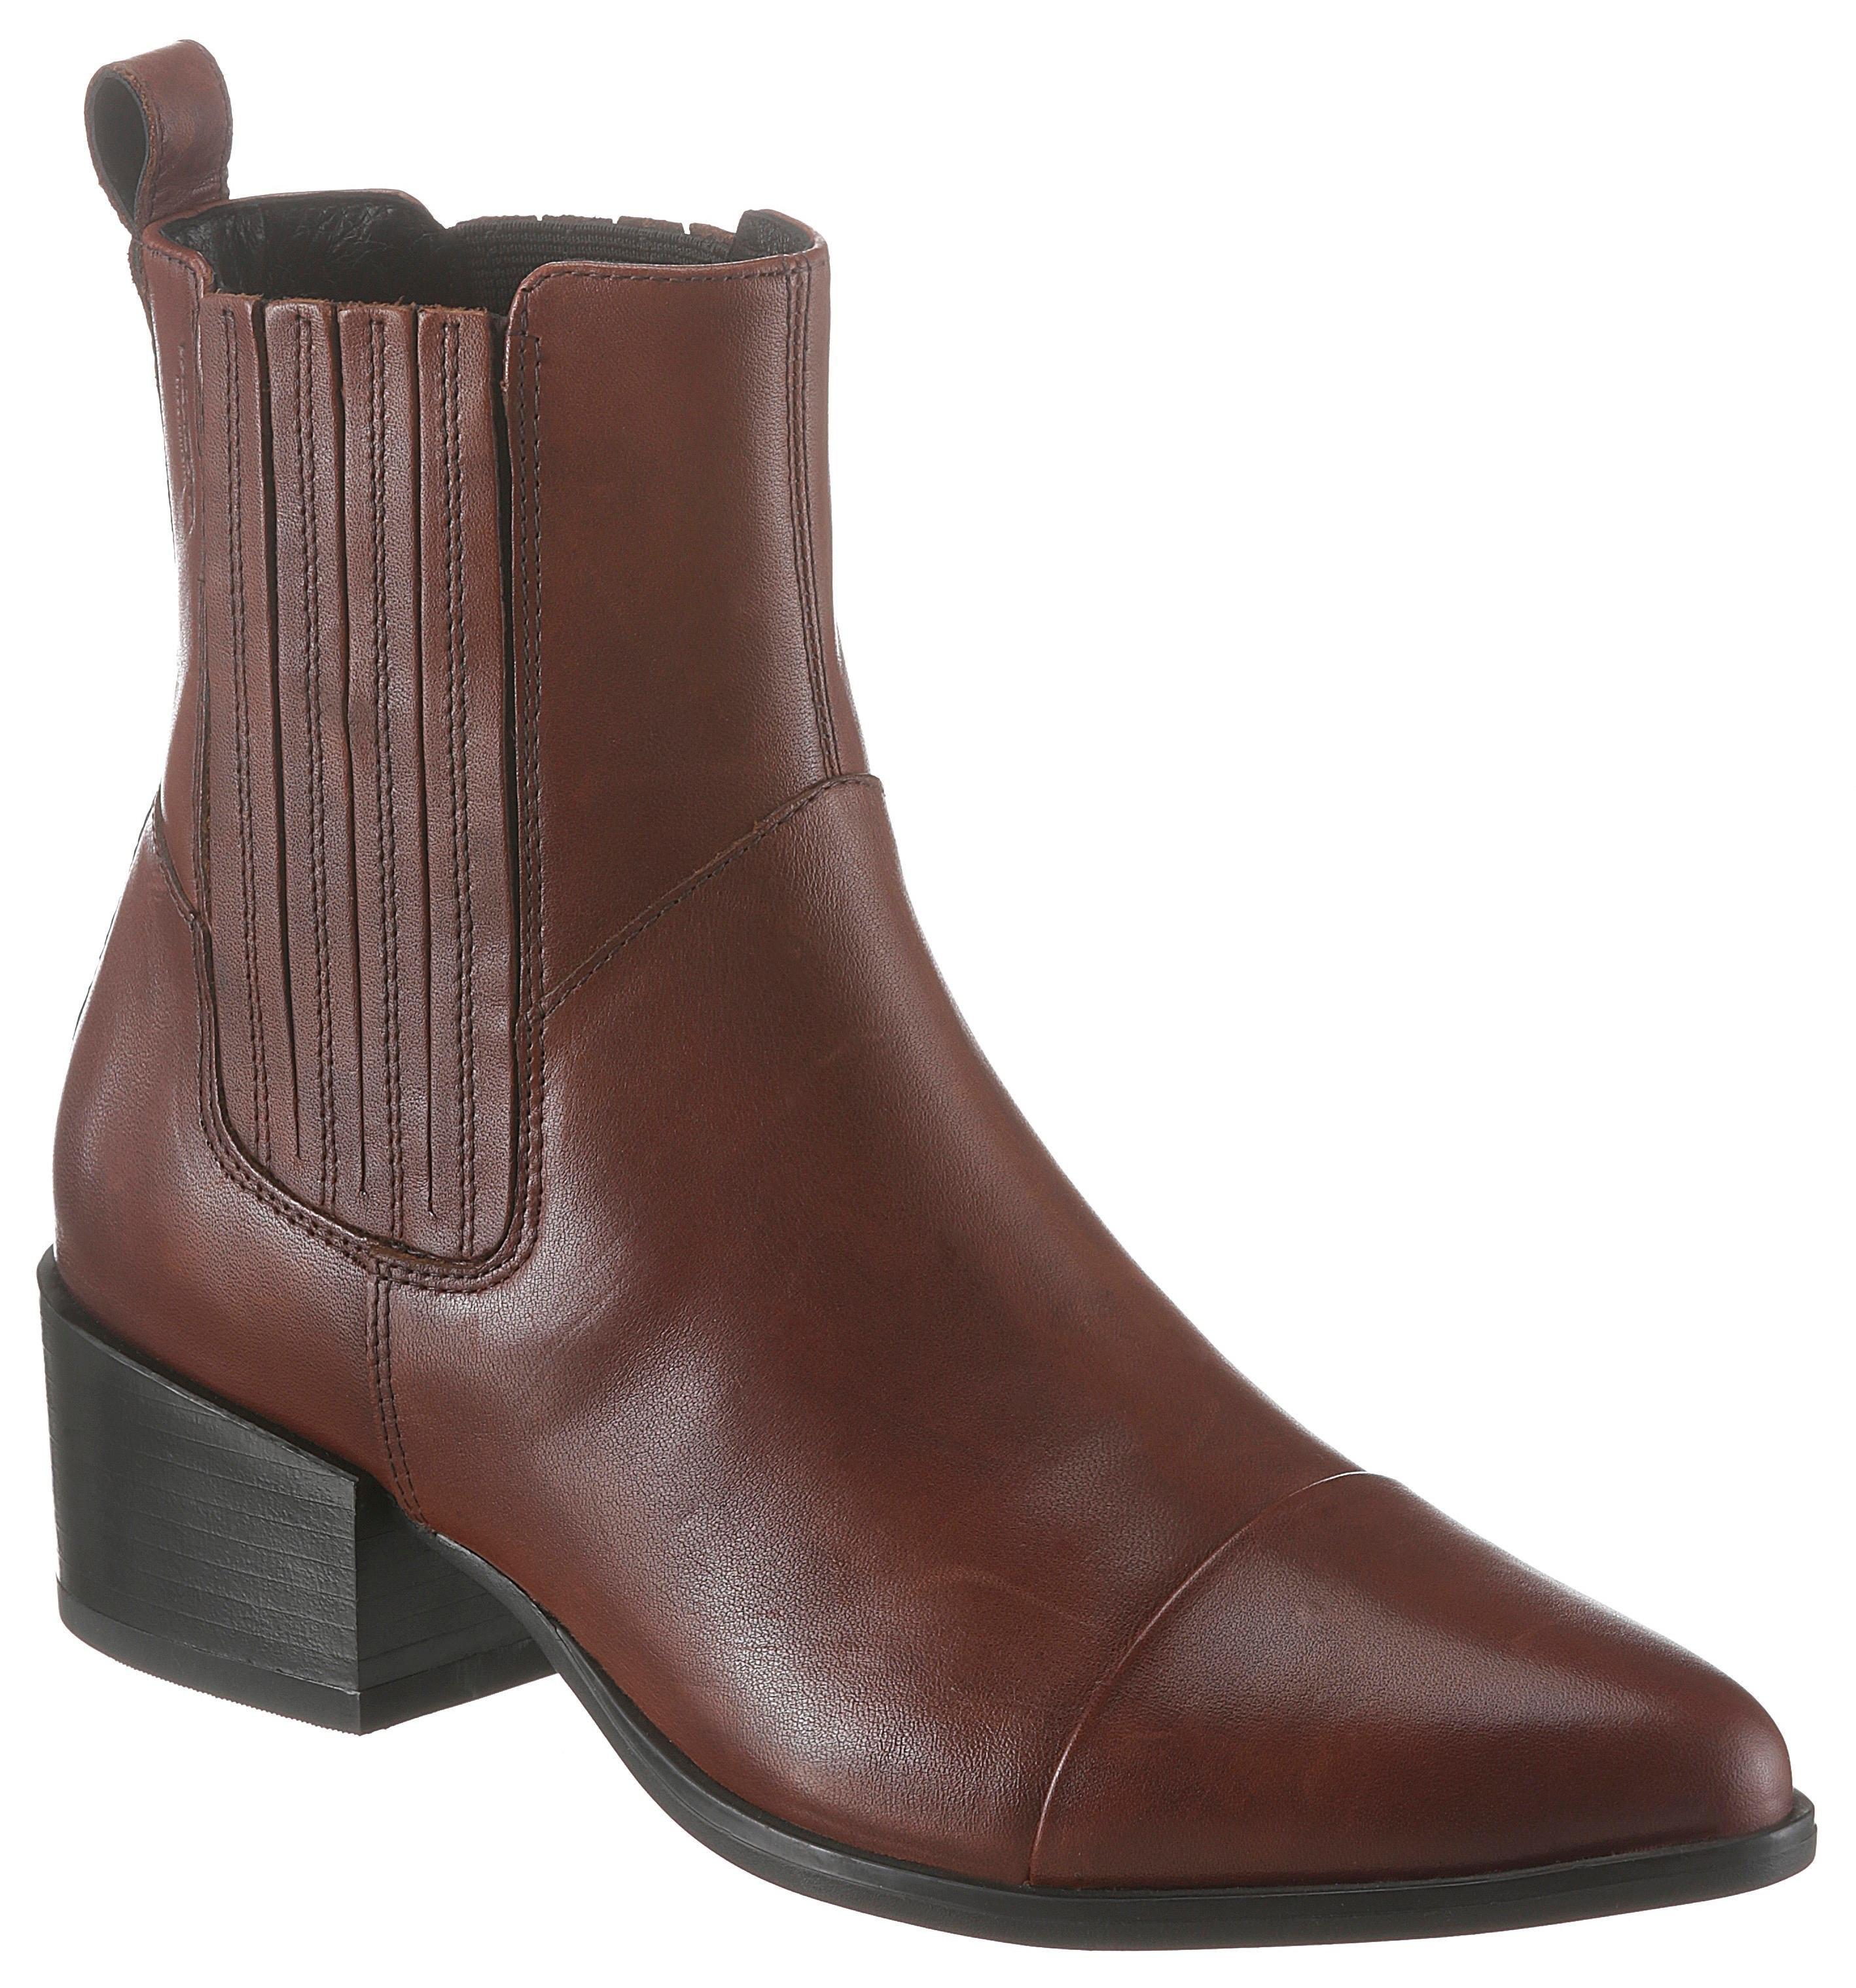 Vagabond chelsea-boots bestellen: 30 dagen bedenktijd